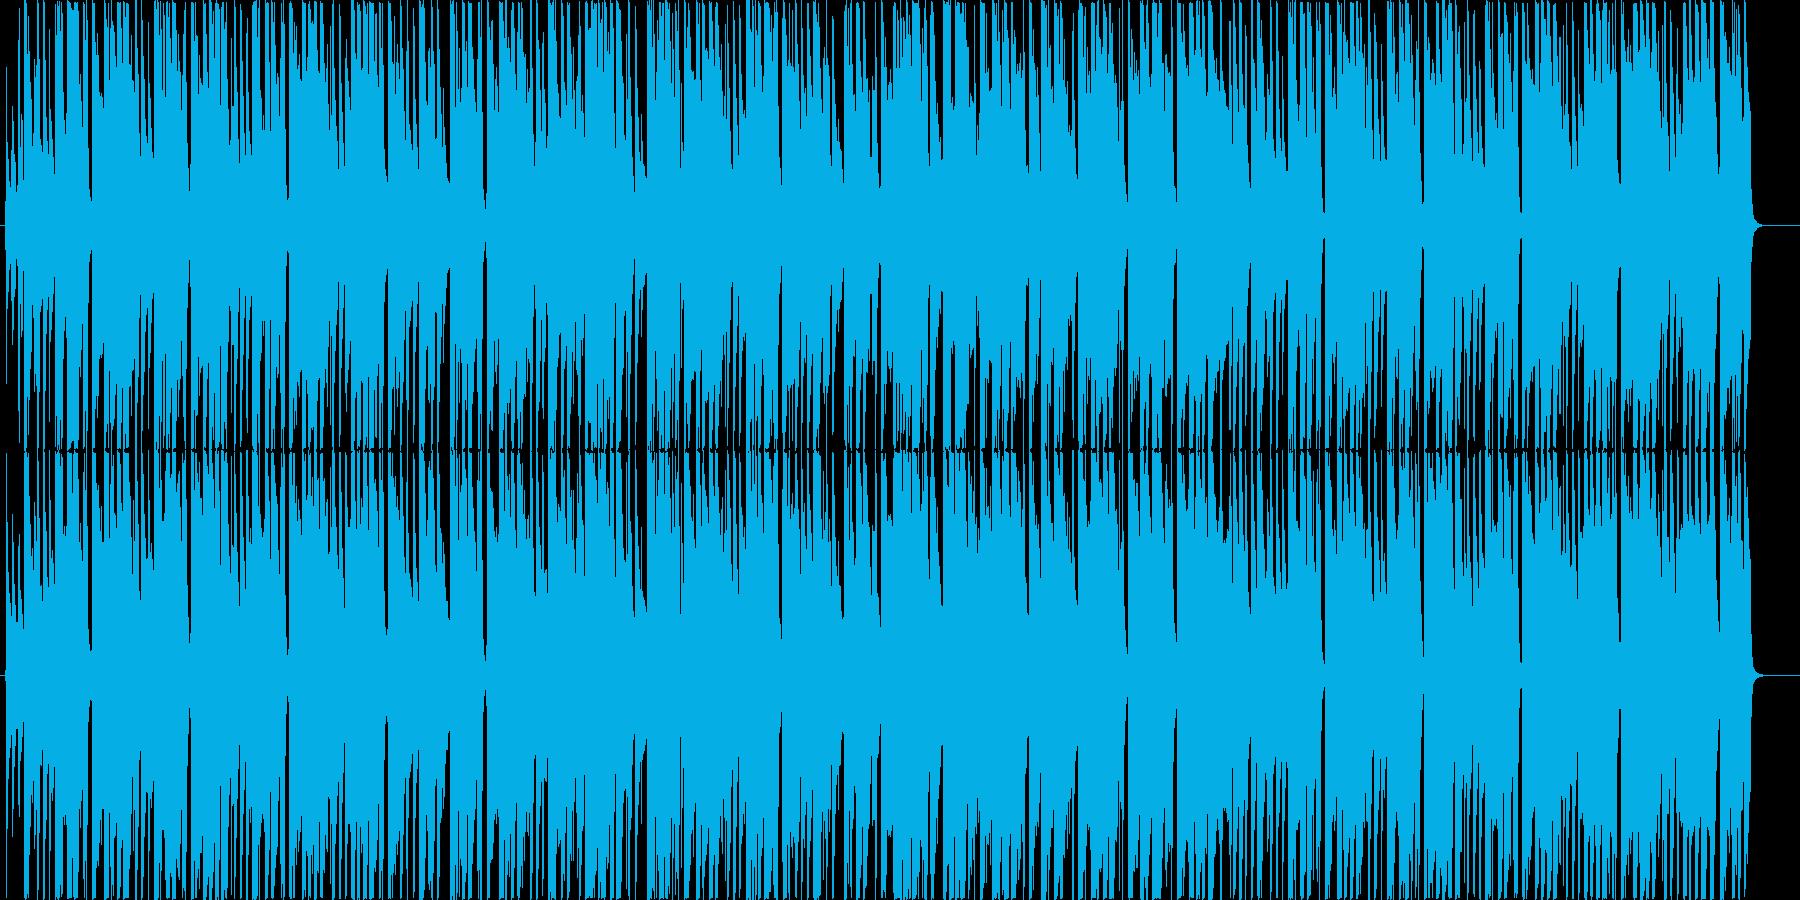 汎用性のある日常系BGMの再生済みの波形